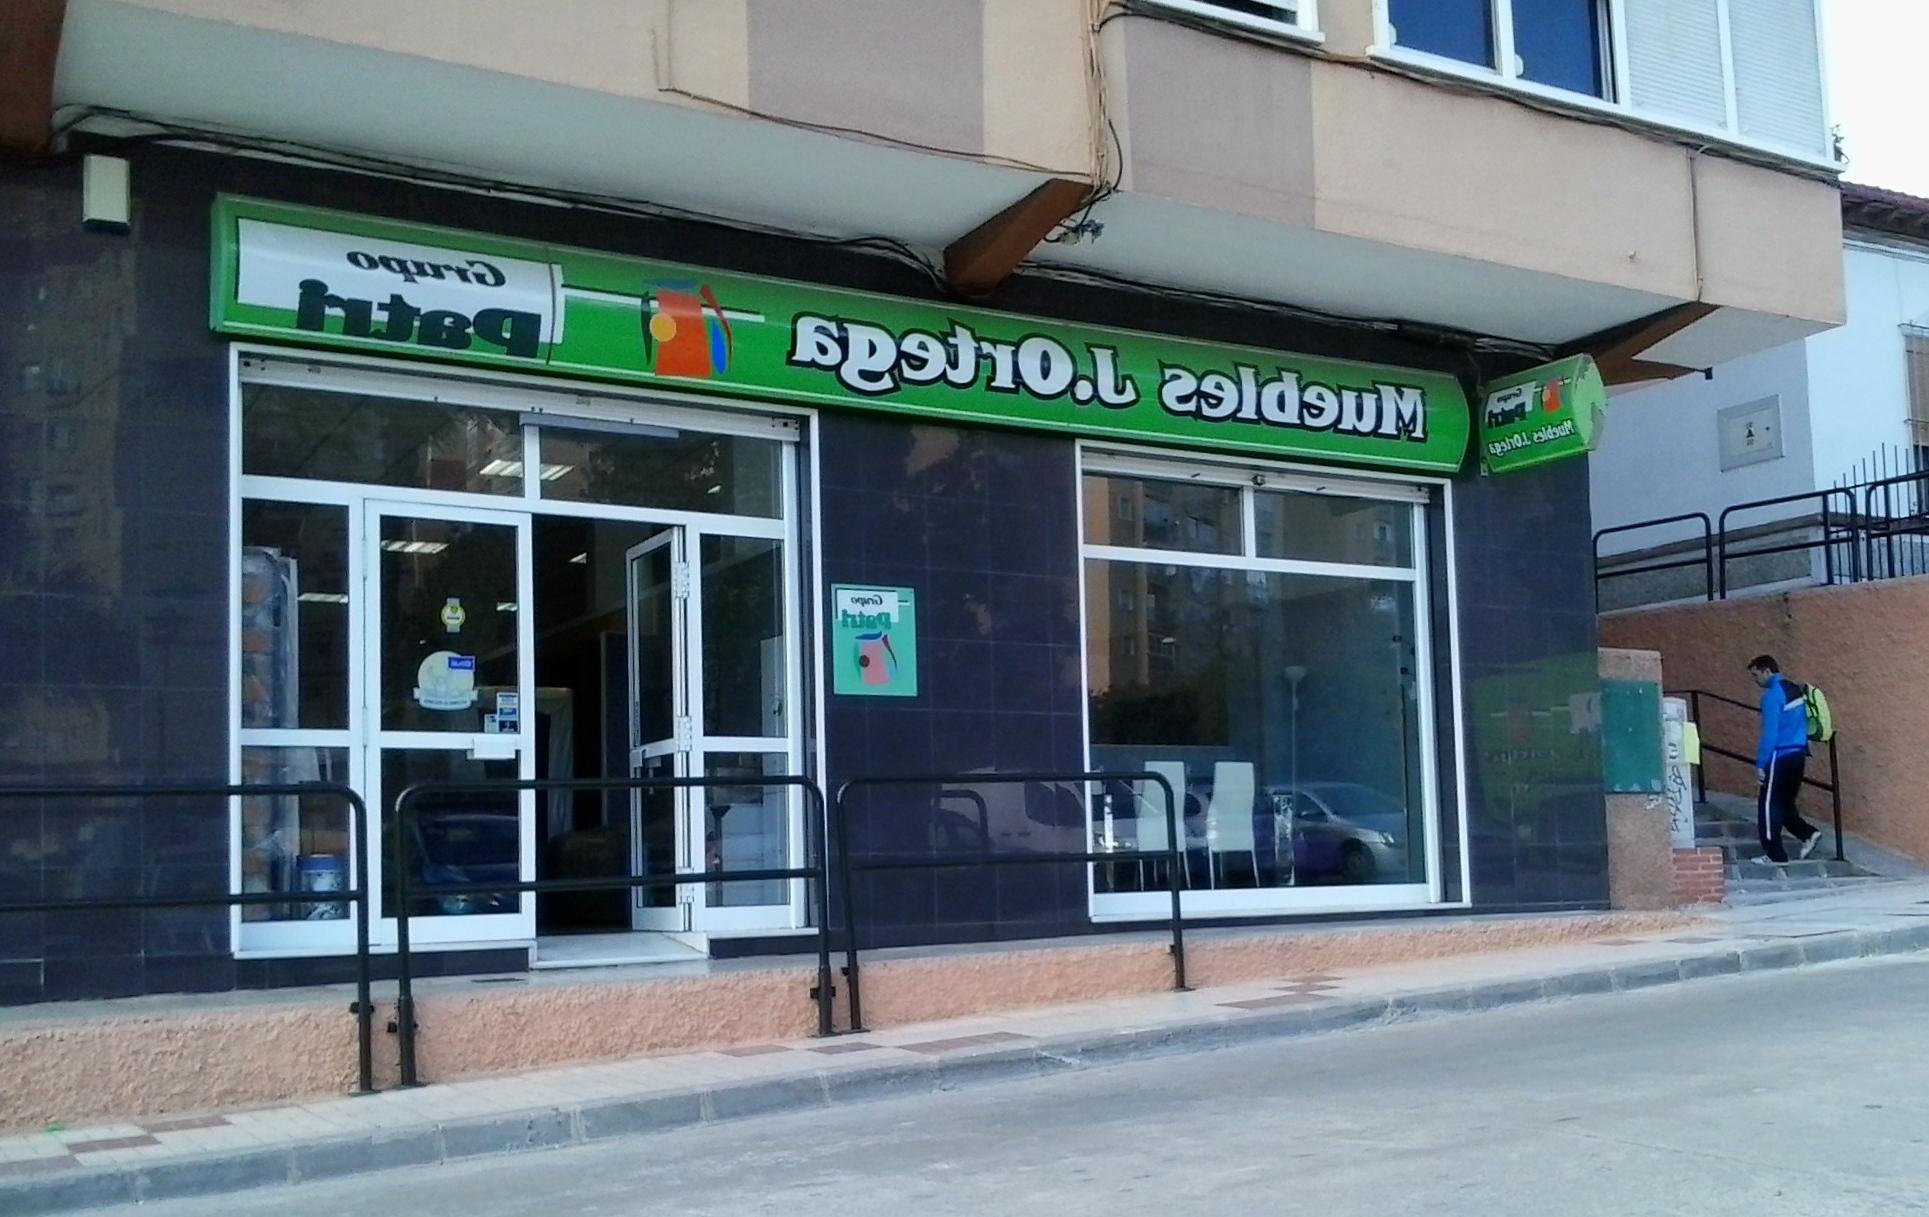 Tiendas De Muebles En Malaga Capital Thdr Muebles En Malaga Capital Mobiliario Oficina Malaga Perfect